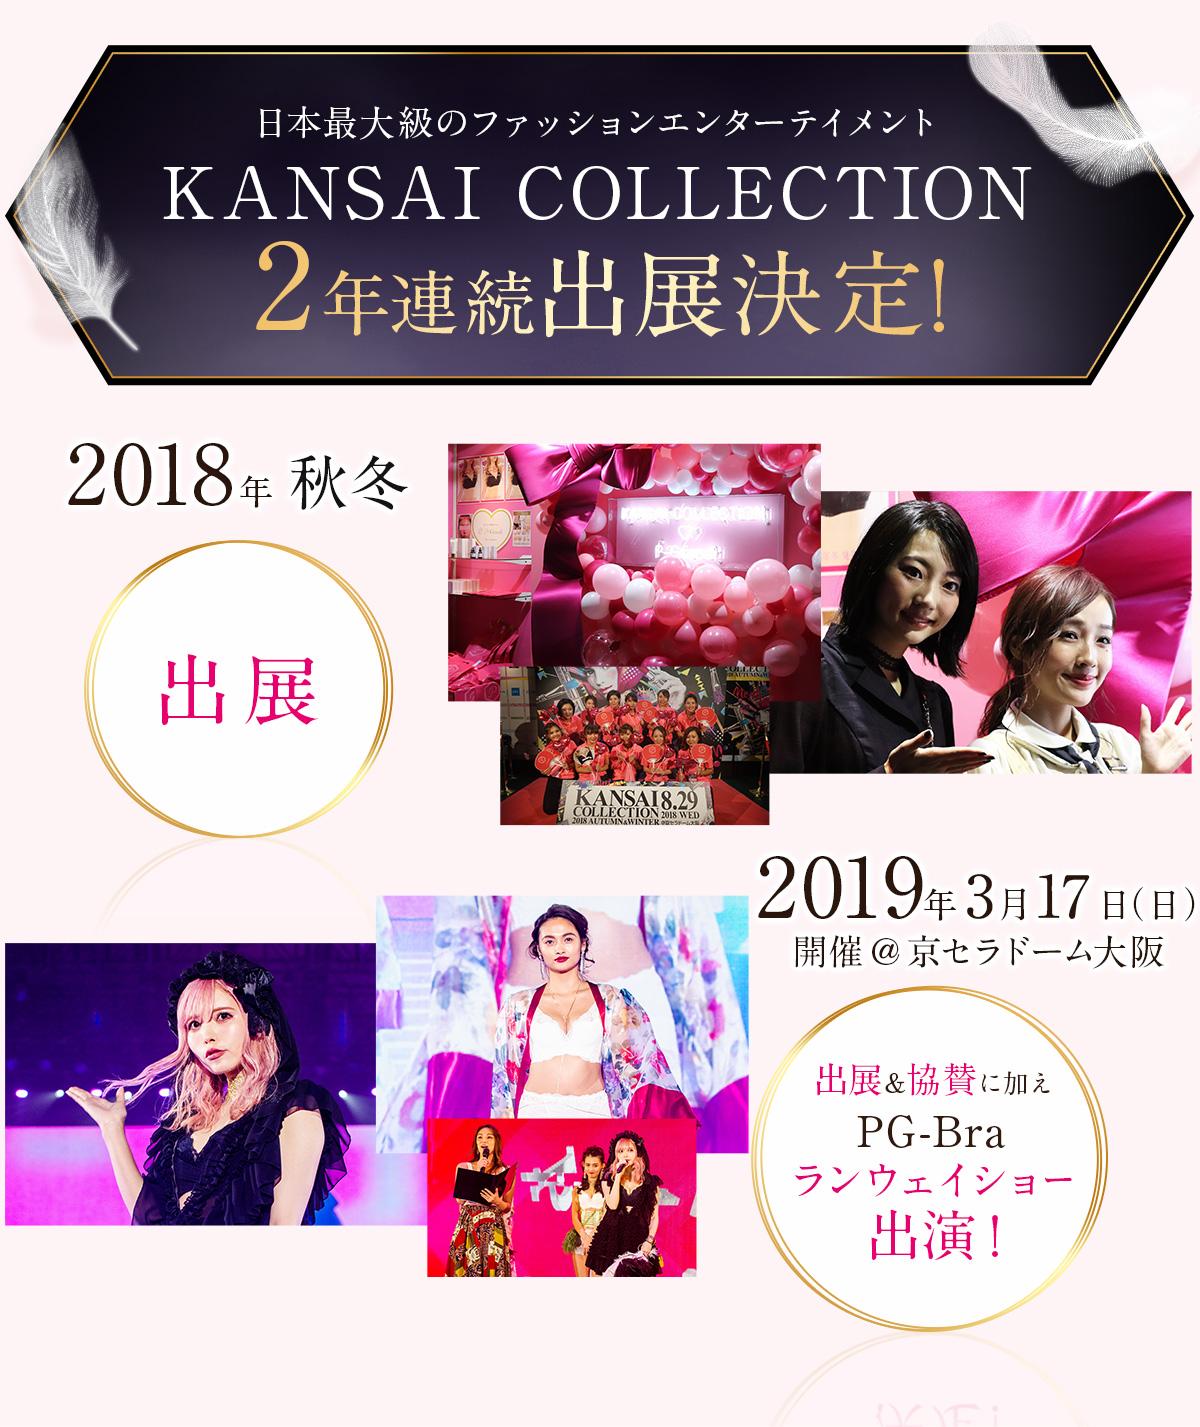 KANSAI COLLECTION 2018に出店が決定しました